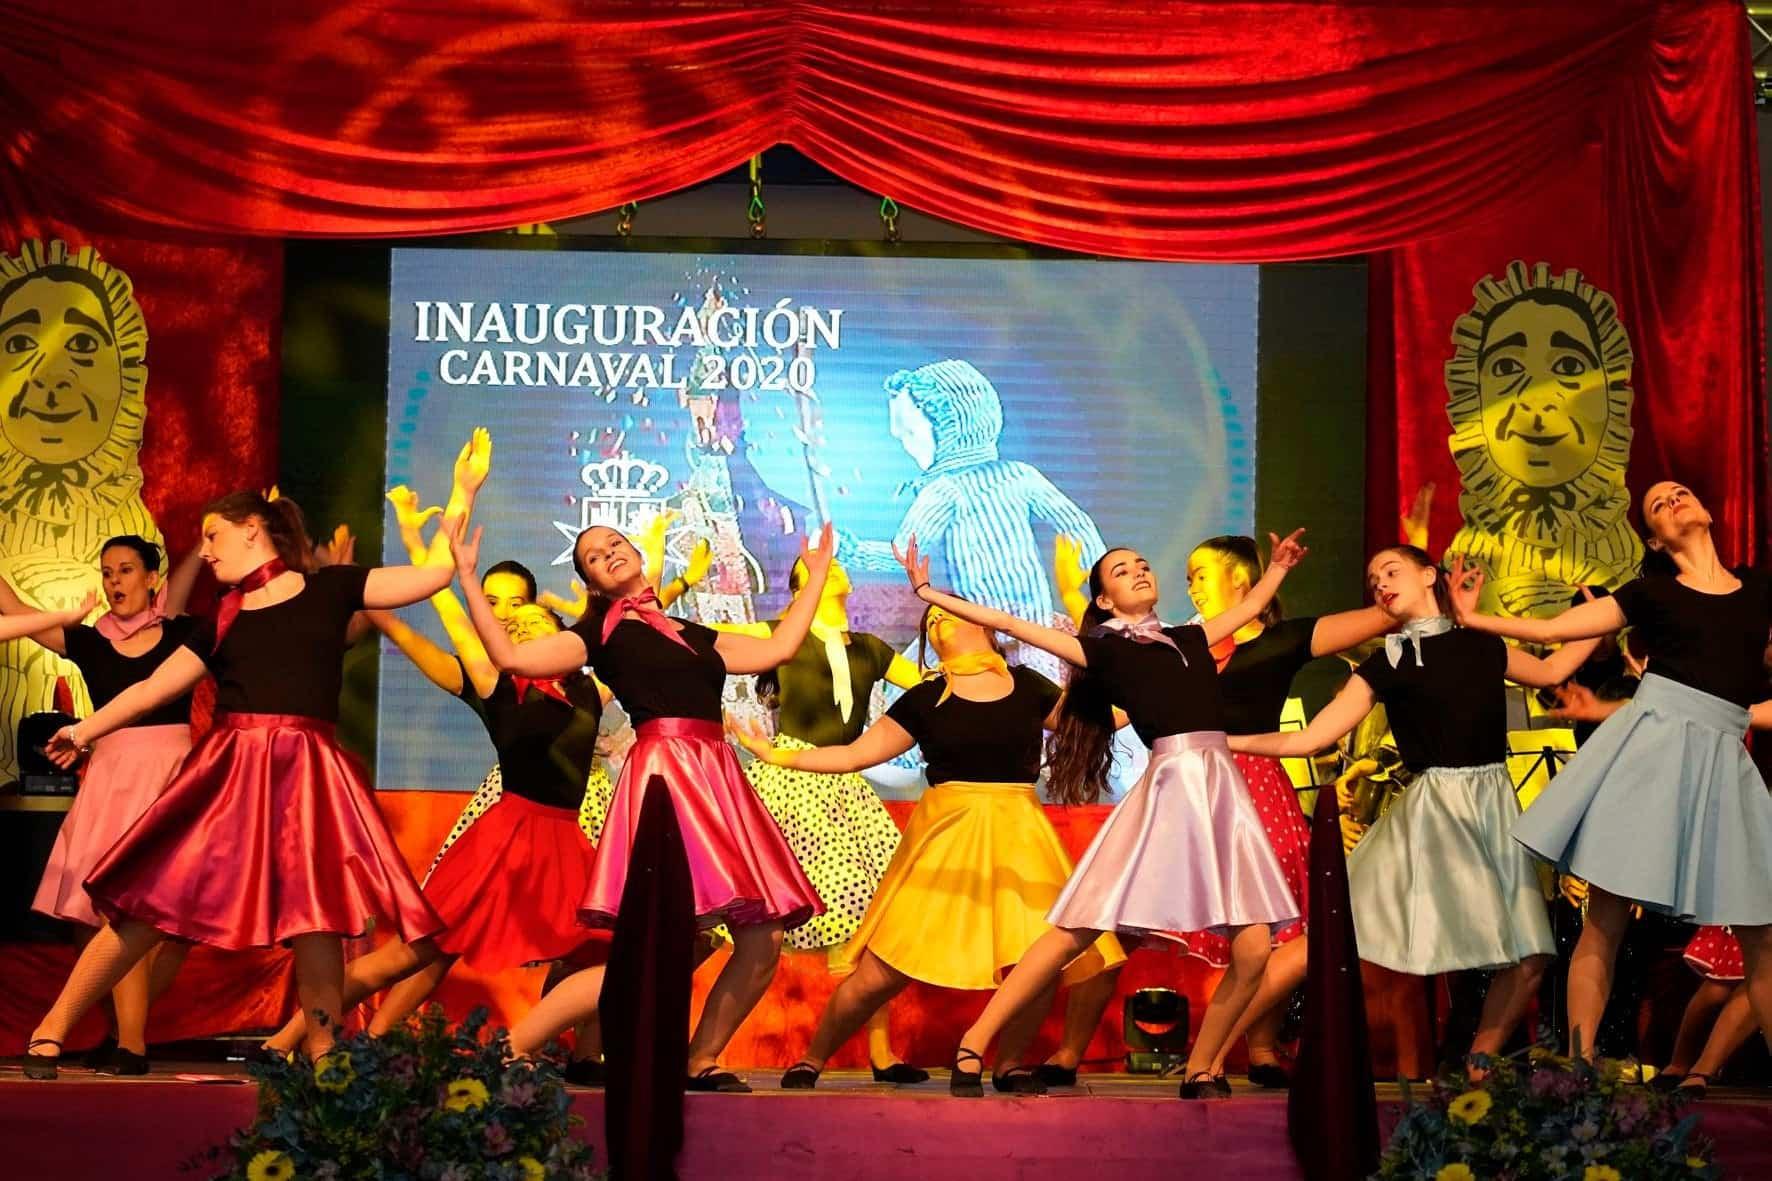 Inauguración del Carnaval de Herencia 2020 121